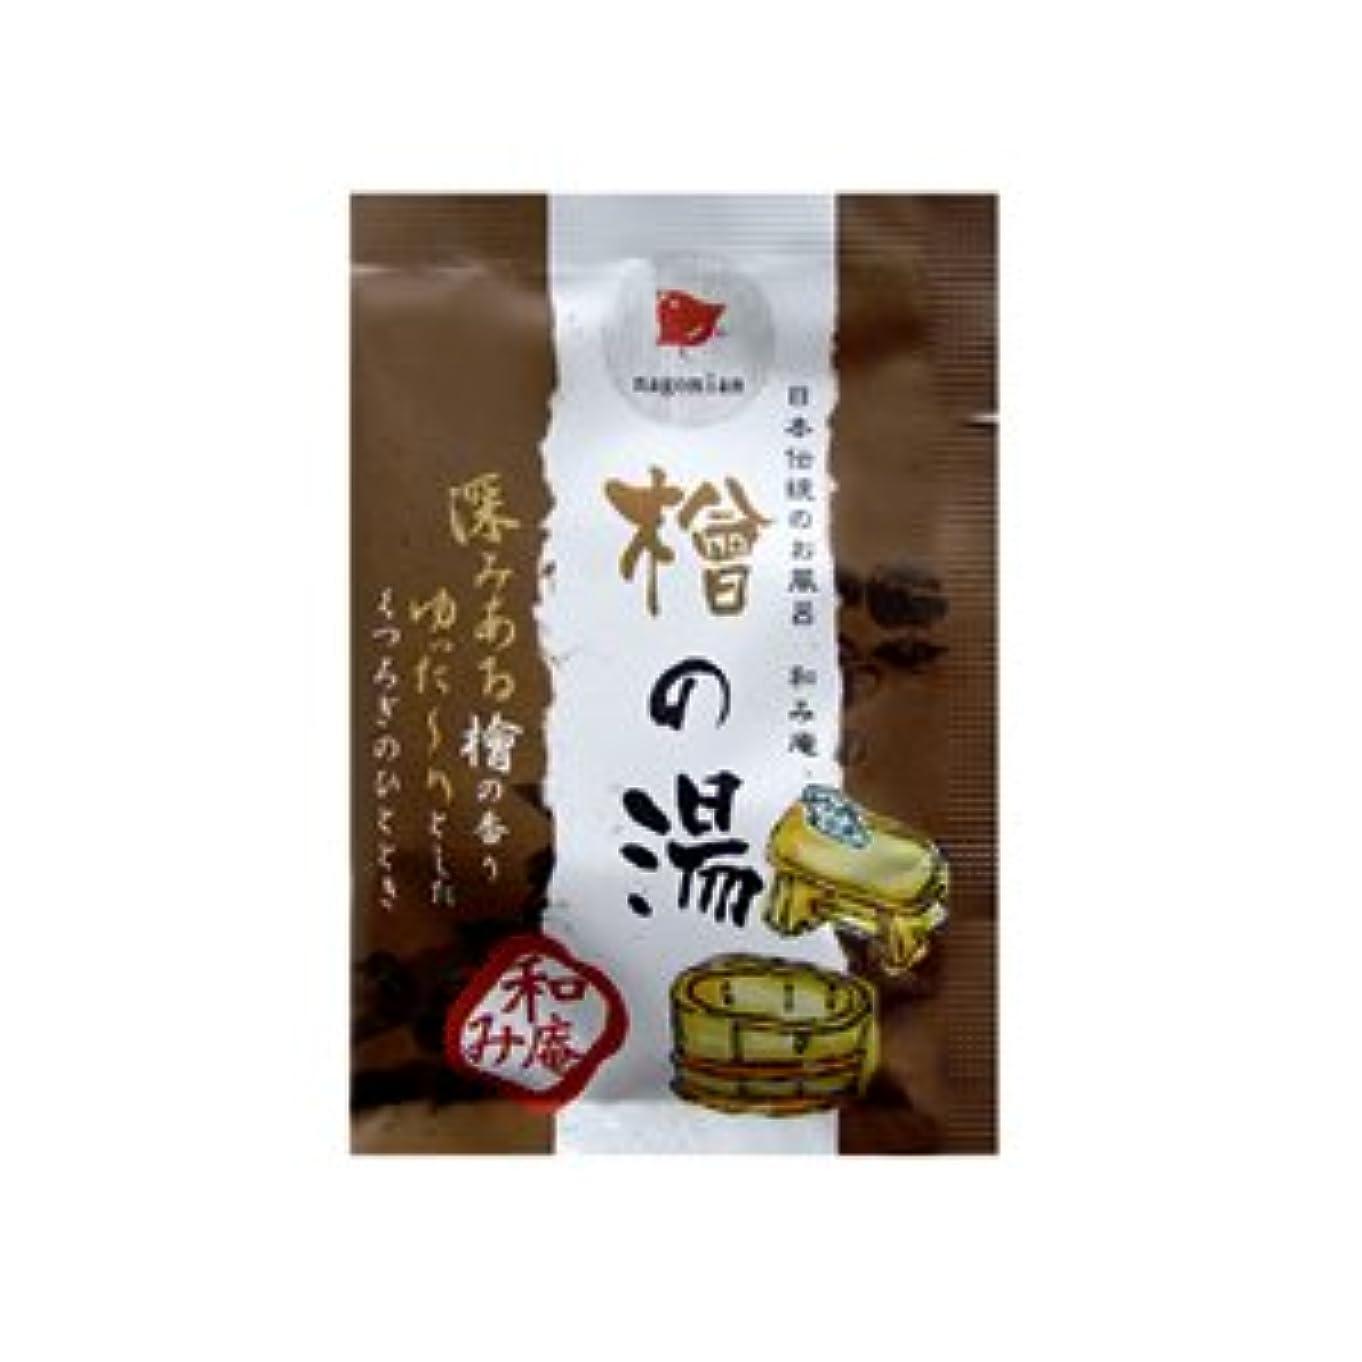 砲兵便益もっと少なく日本伝統のお風呂 和み庵 檜の湯 25g 5個セット